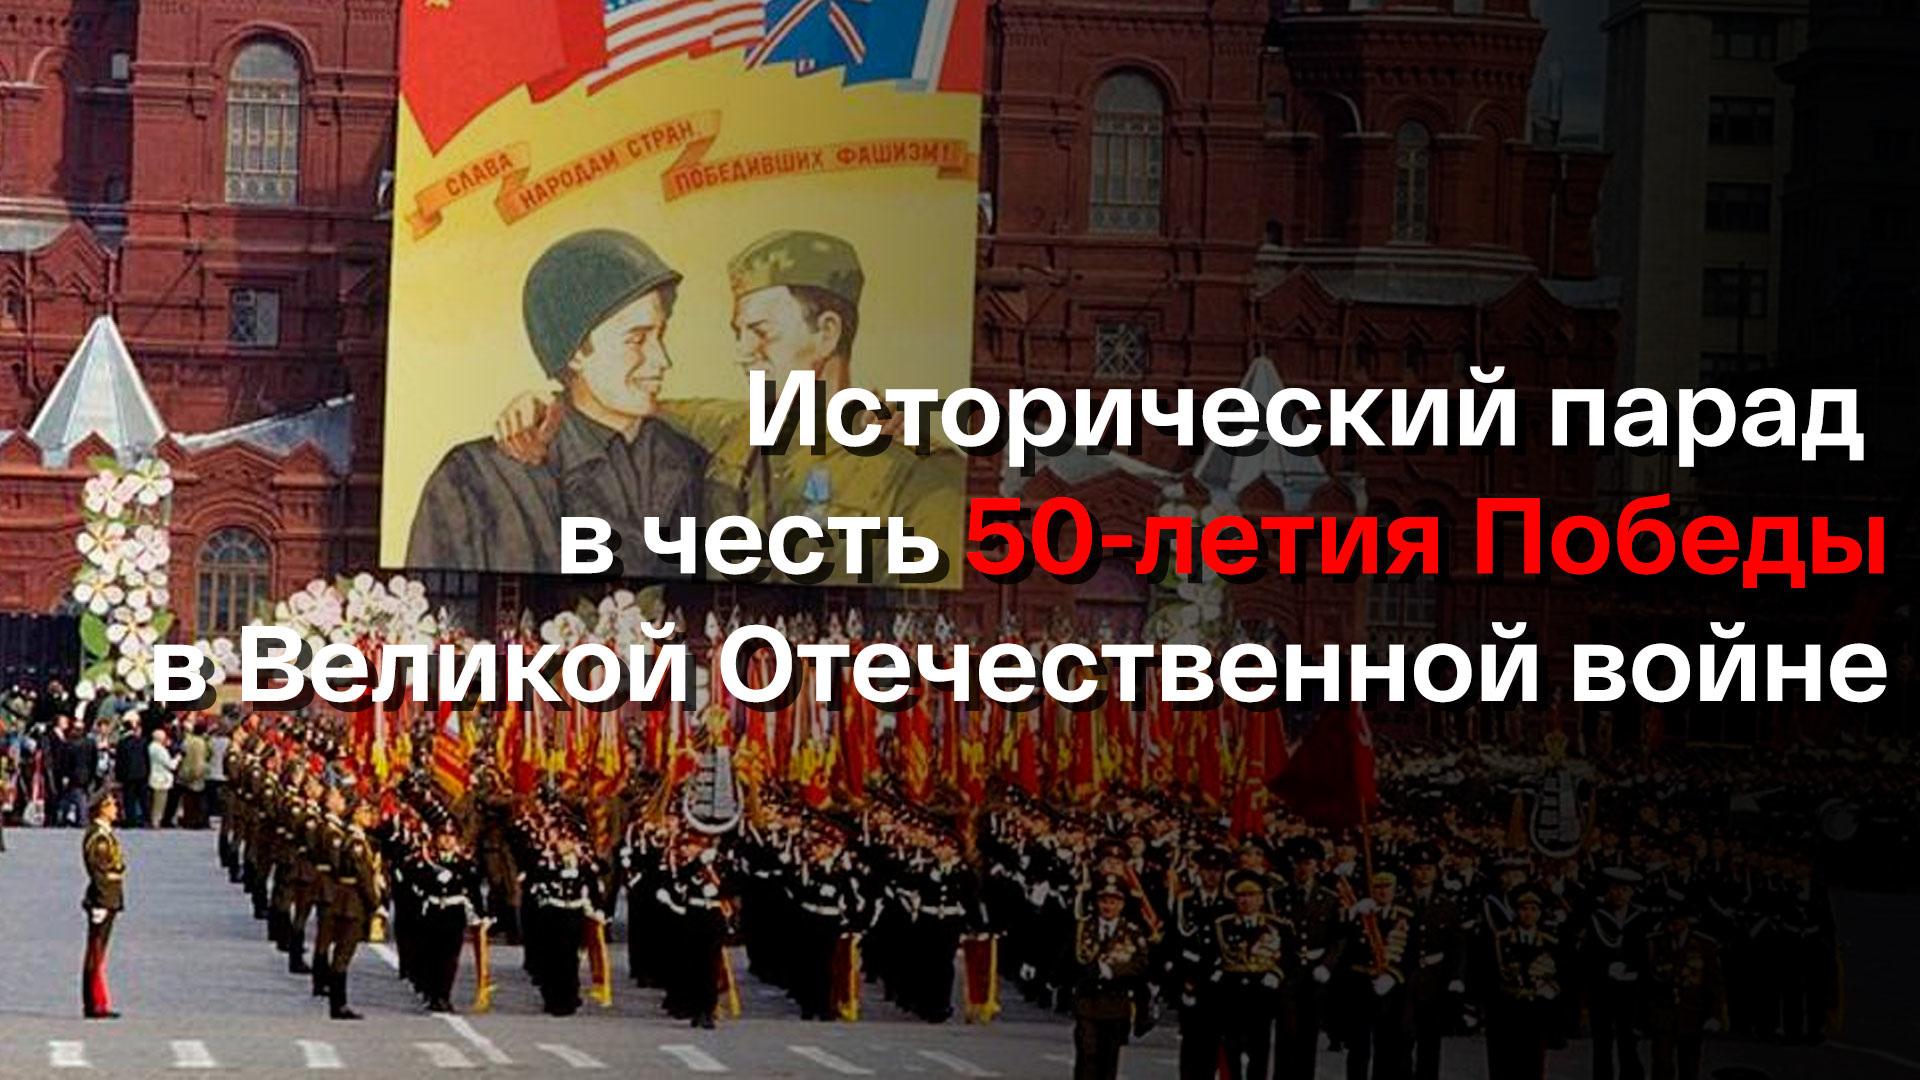 Исторический парад в честь 50-летия Победы в Великой Отечественной войне